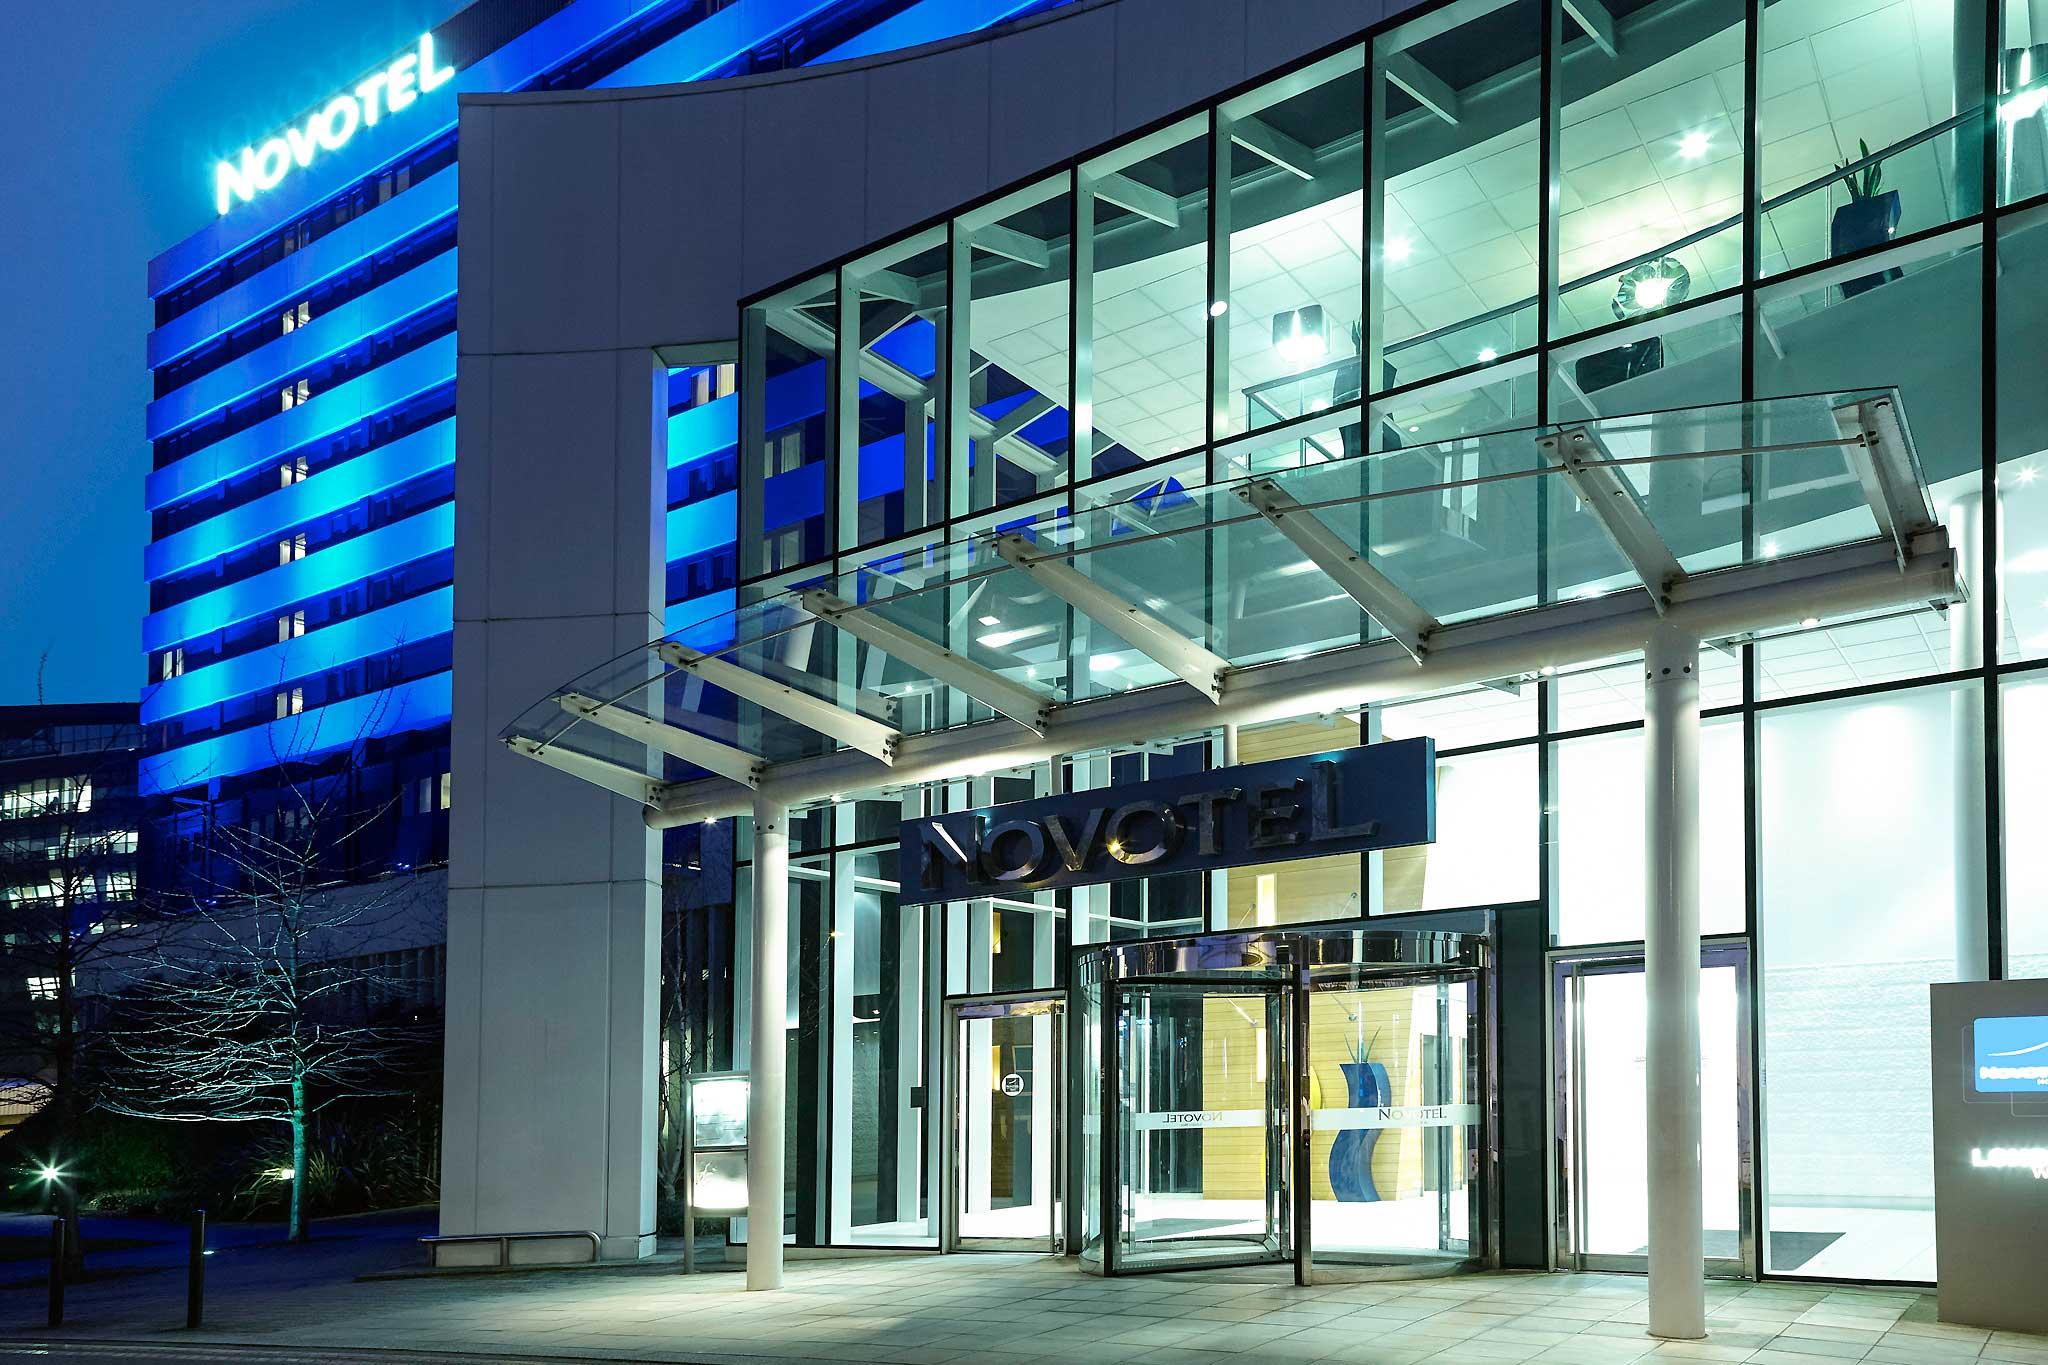 Otel – Novotel London West